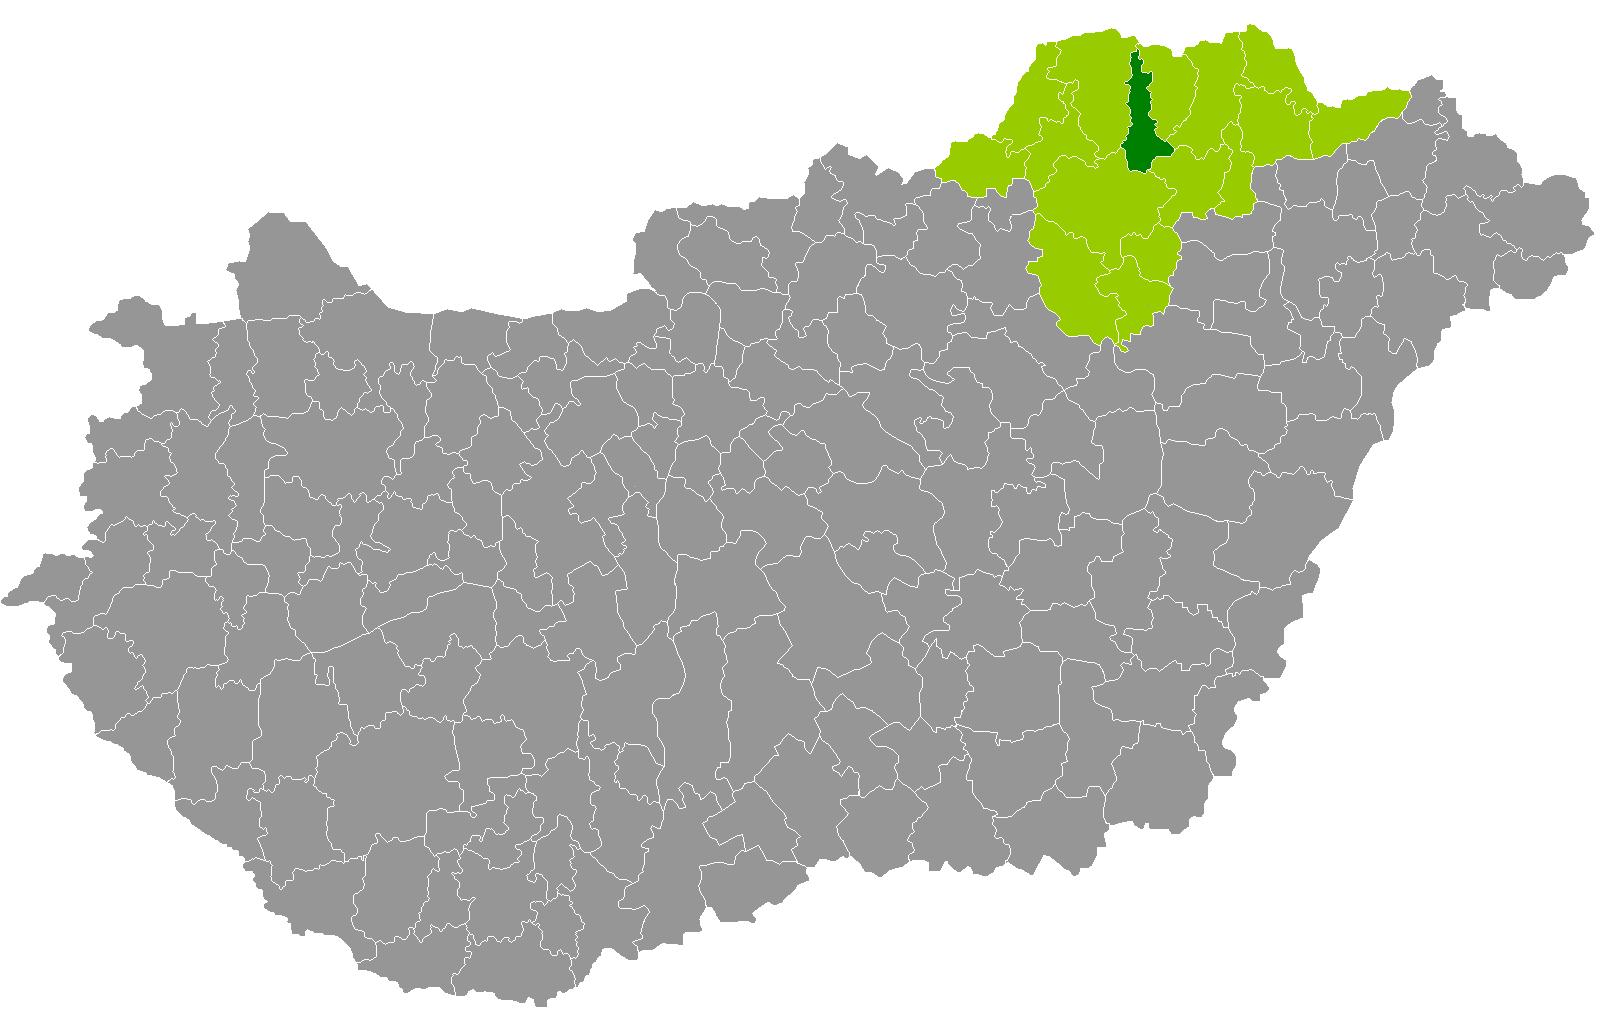 szikszó térkép File:Szikszói járás.png   Wikimedia Commons szikszó térkép